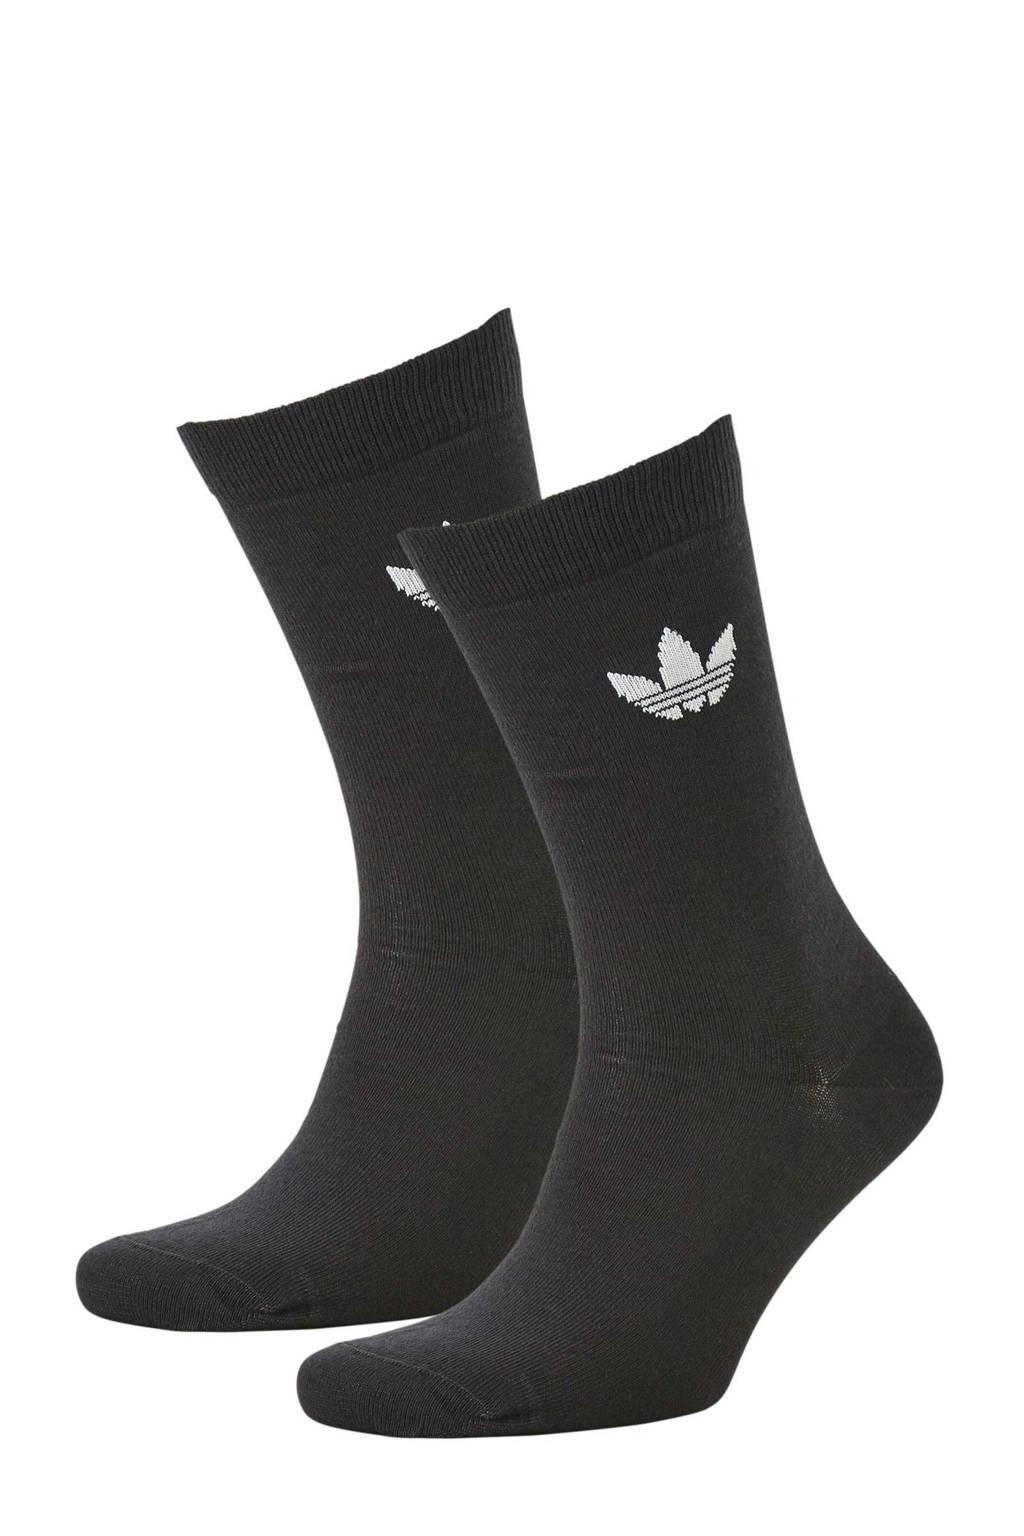 adidas originals   sokken (set van 2) zwart, Zwart